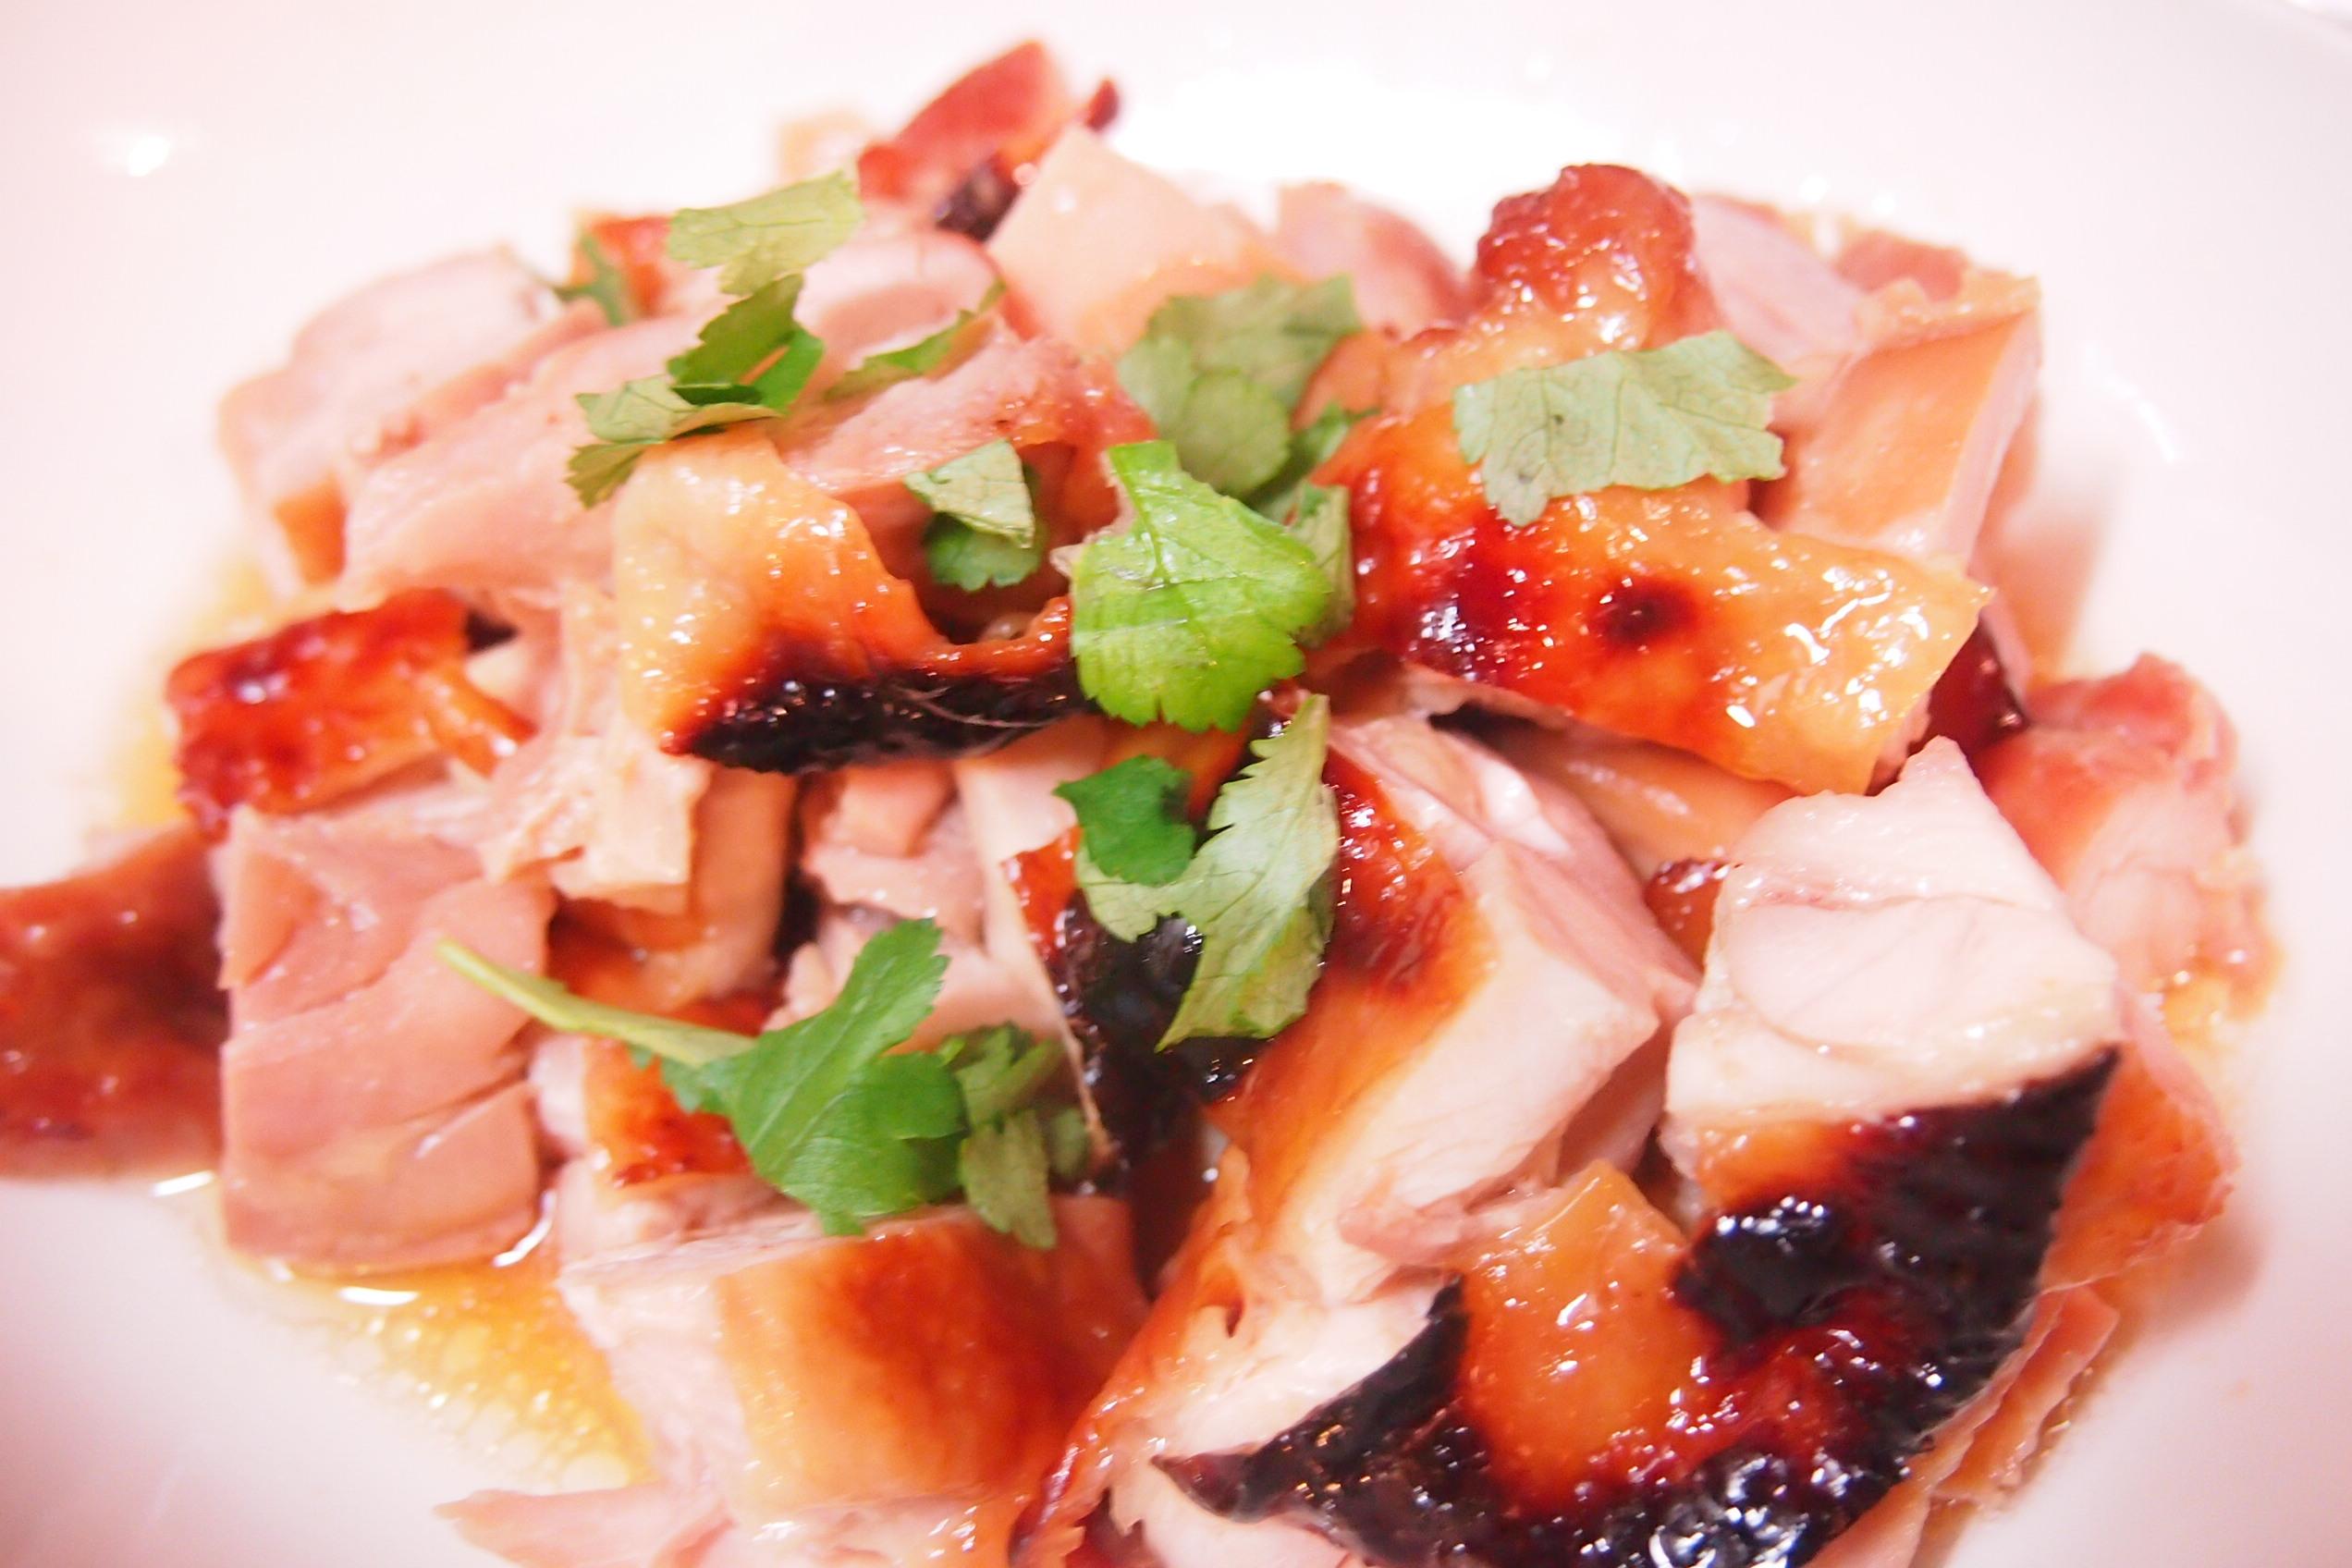 P3281935 簡単に出来るレシピ「鶏肉のハチミツ焼き」